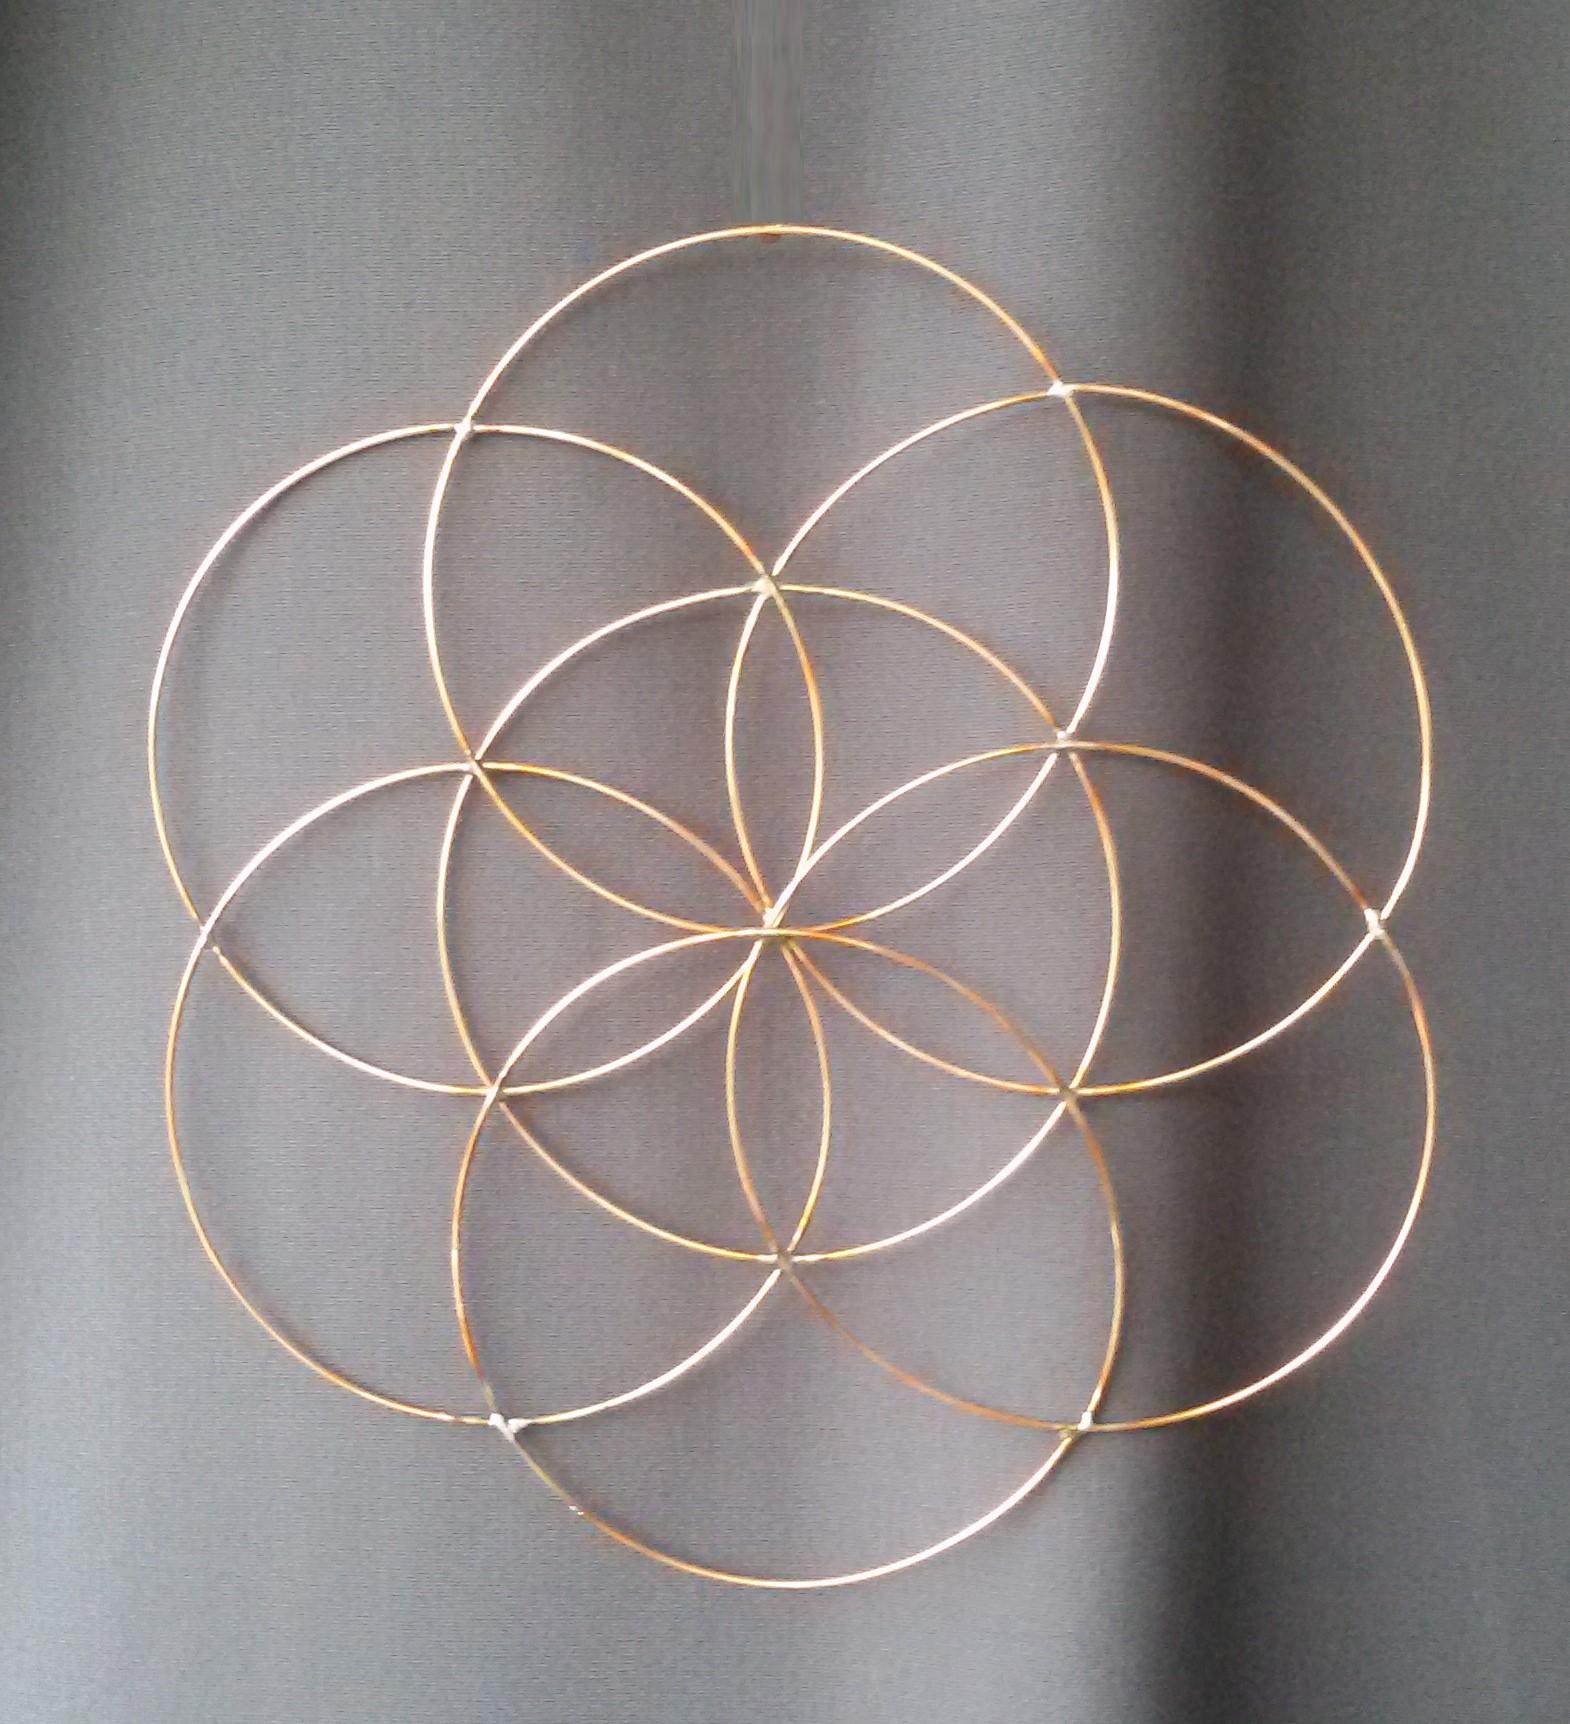 création artisanale décoration, création vibratoire, graine de vie décoration